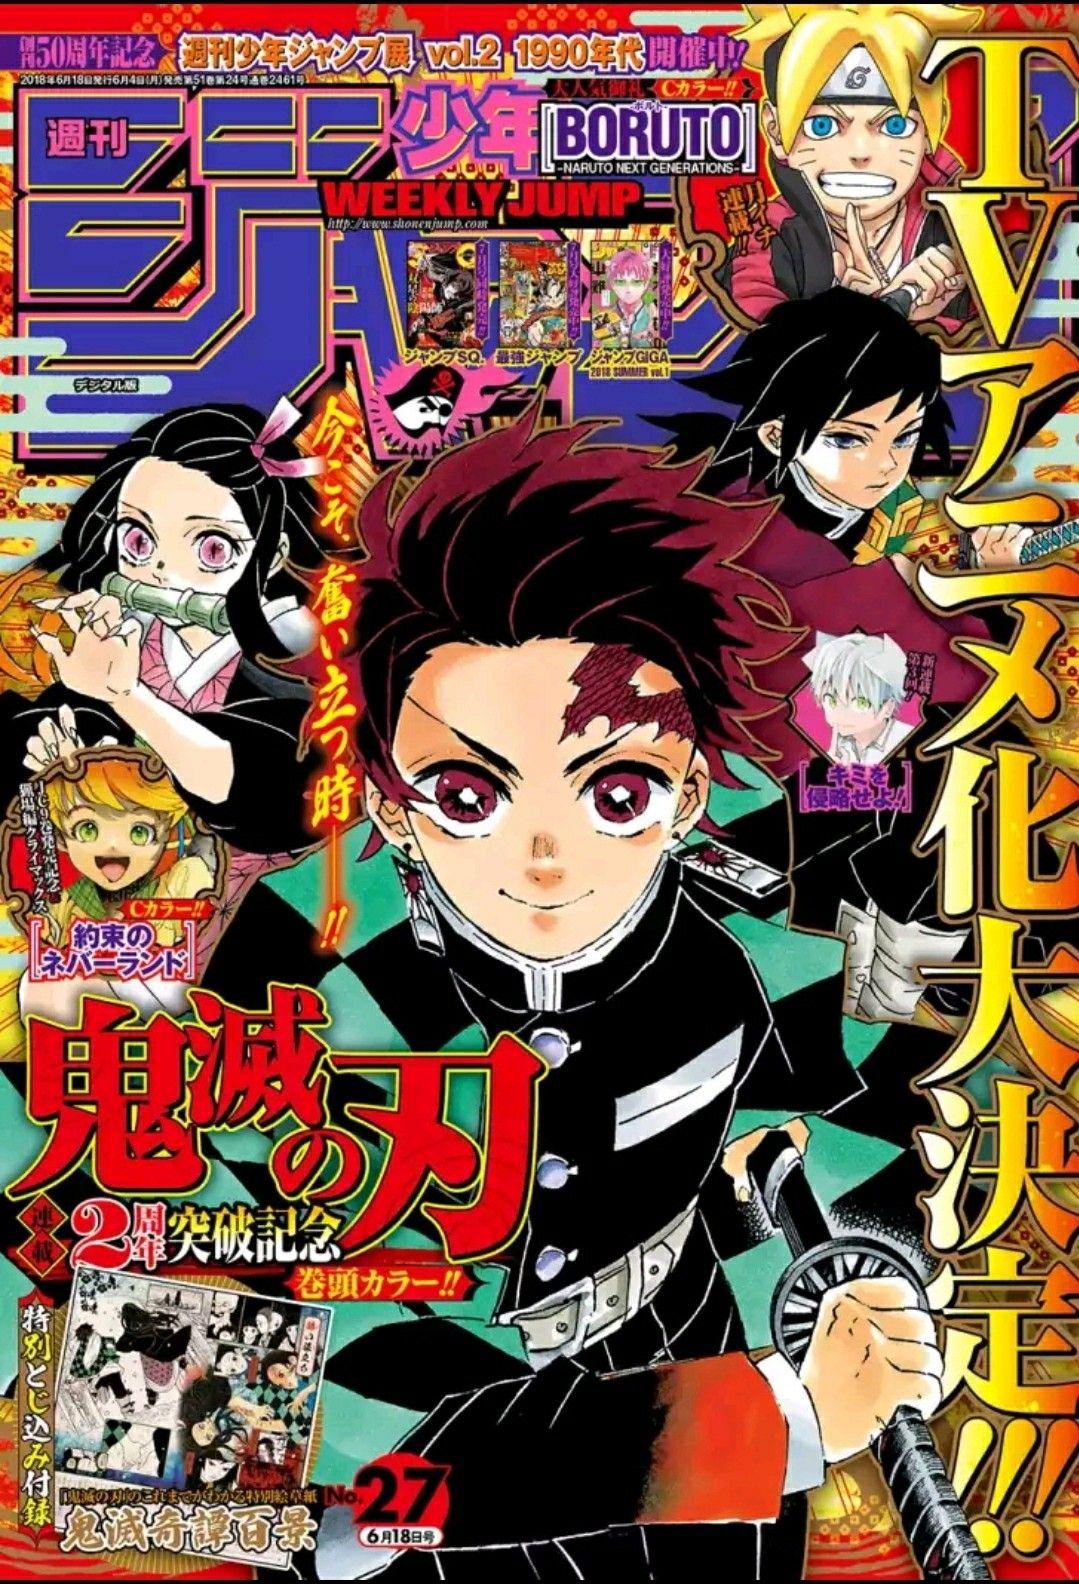 Demon slayer anime cover photo anime printables